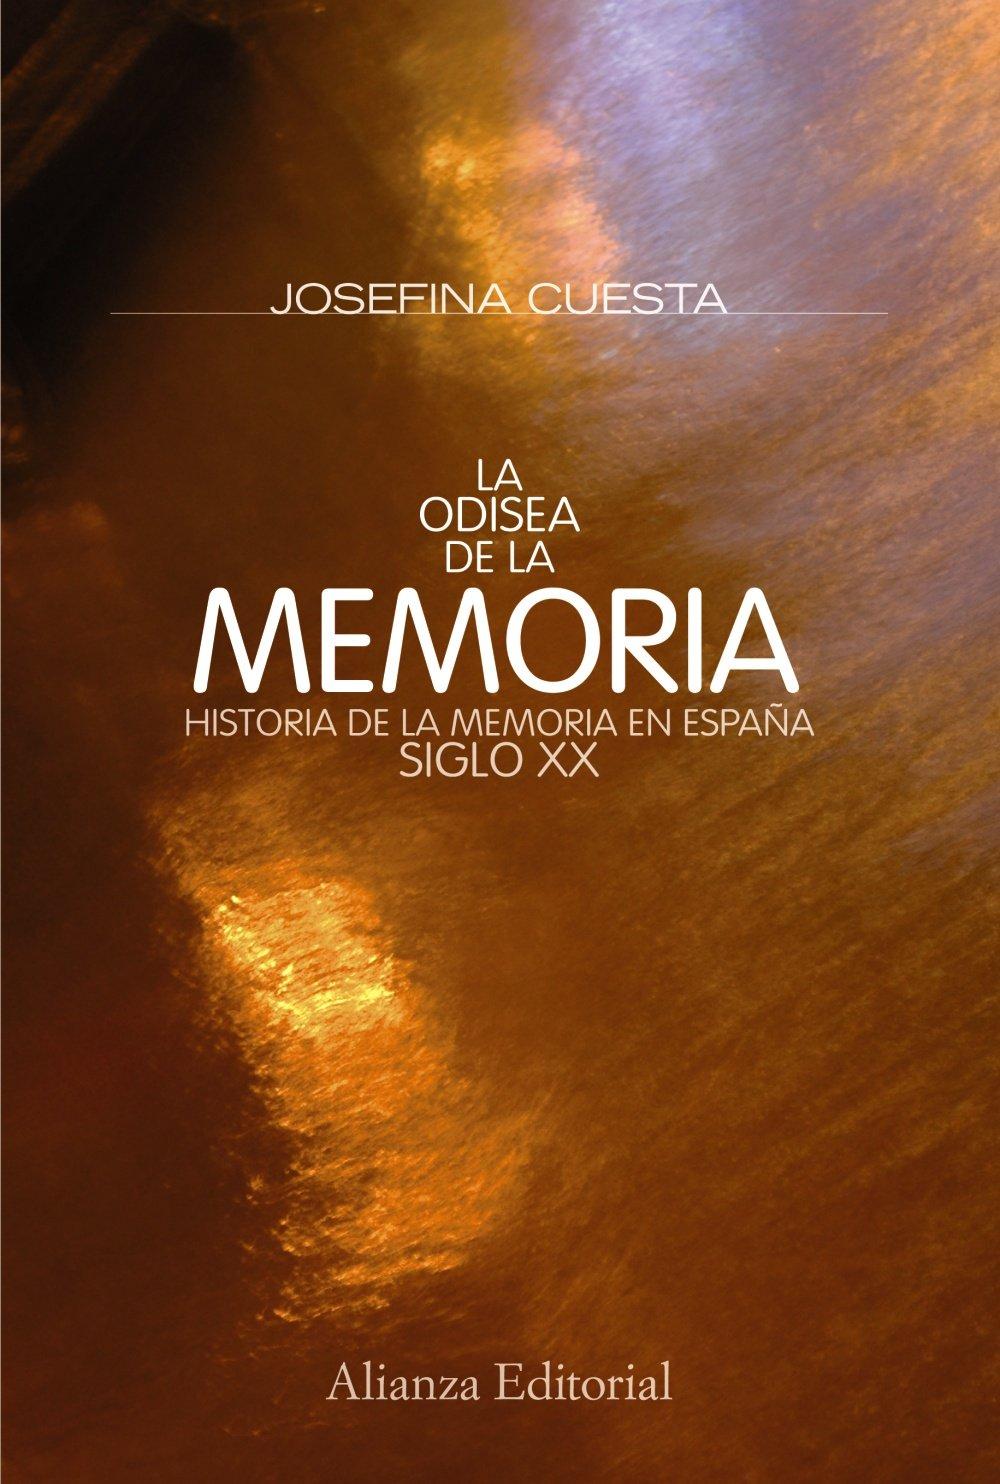 La odisea de la memoria: Historia de la memoria en España. Siglo XX Alianza Ensayo: Amazon.es: Cuesta, Josefina: Libros